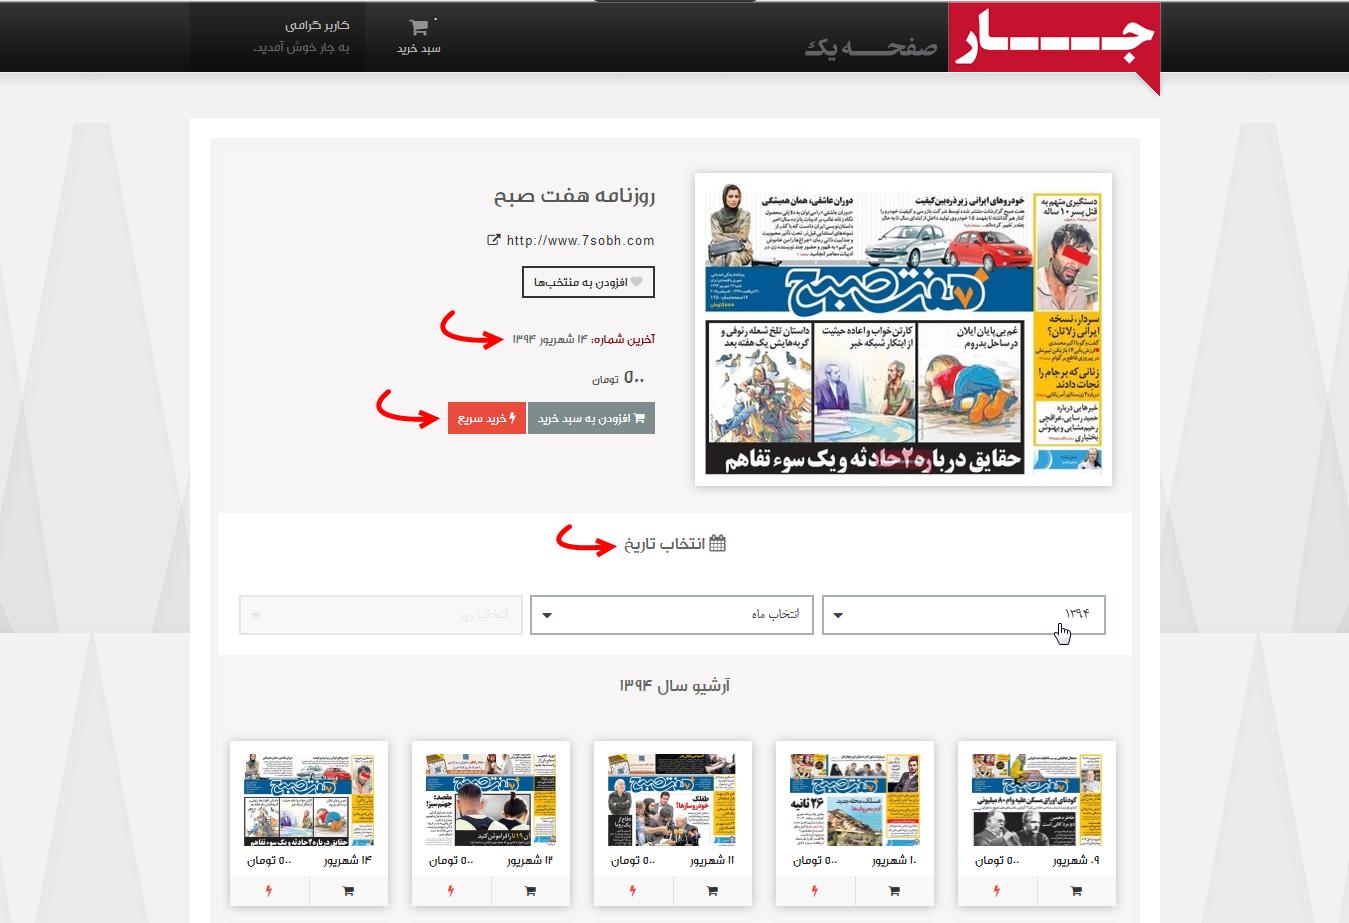 صفحه اختصاصی نشریه در جار